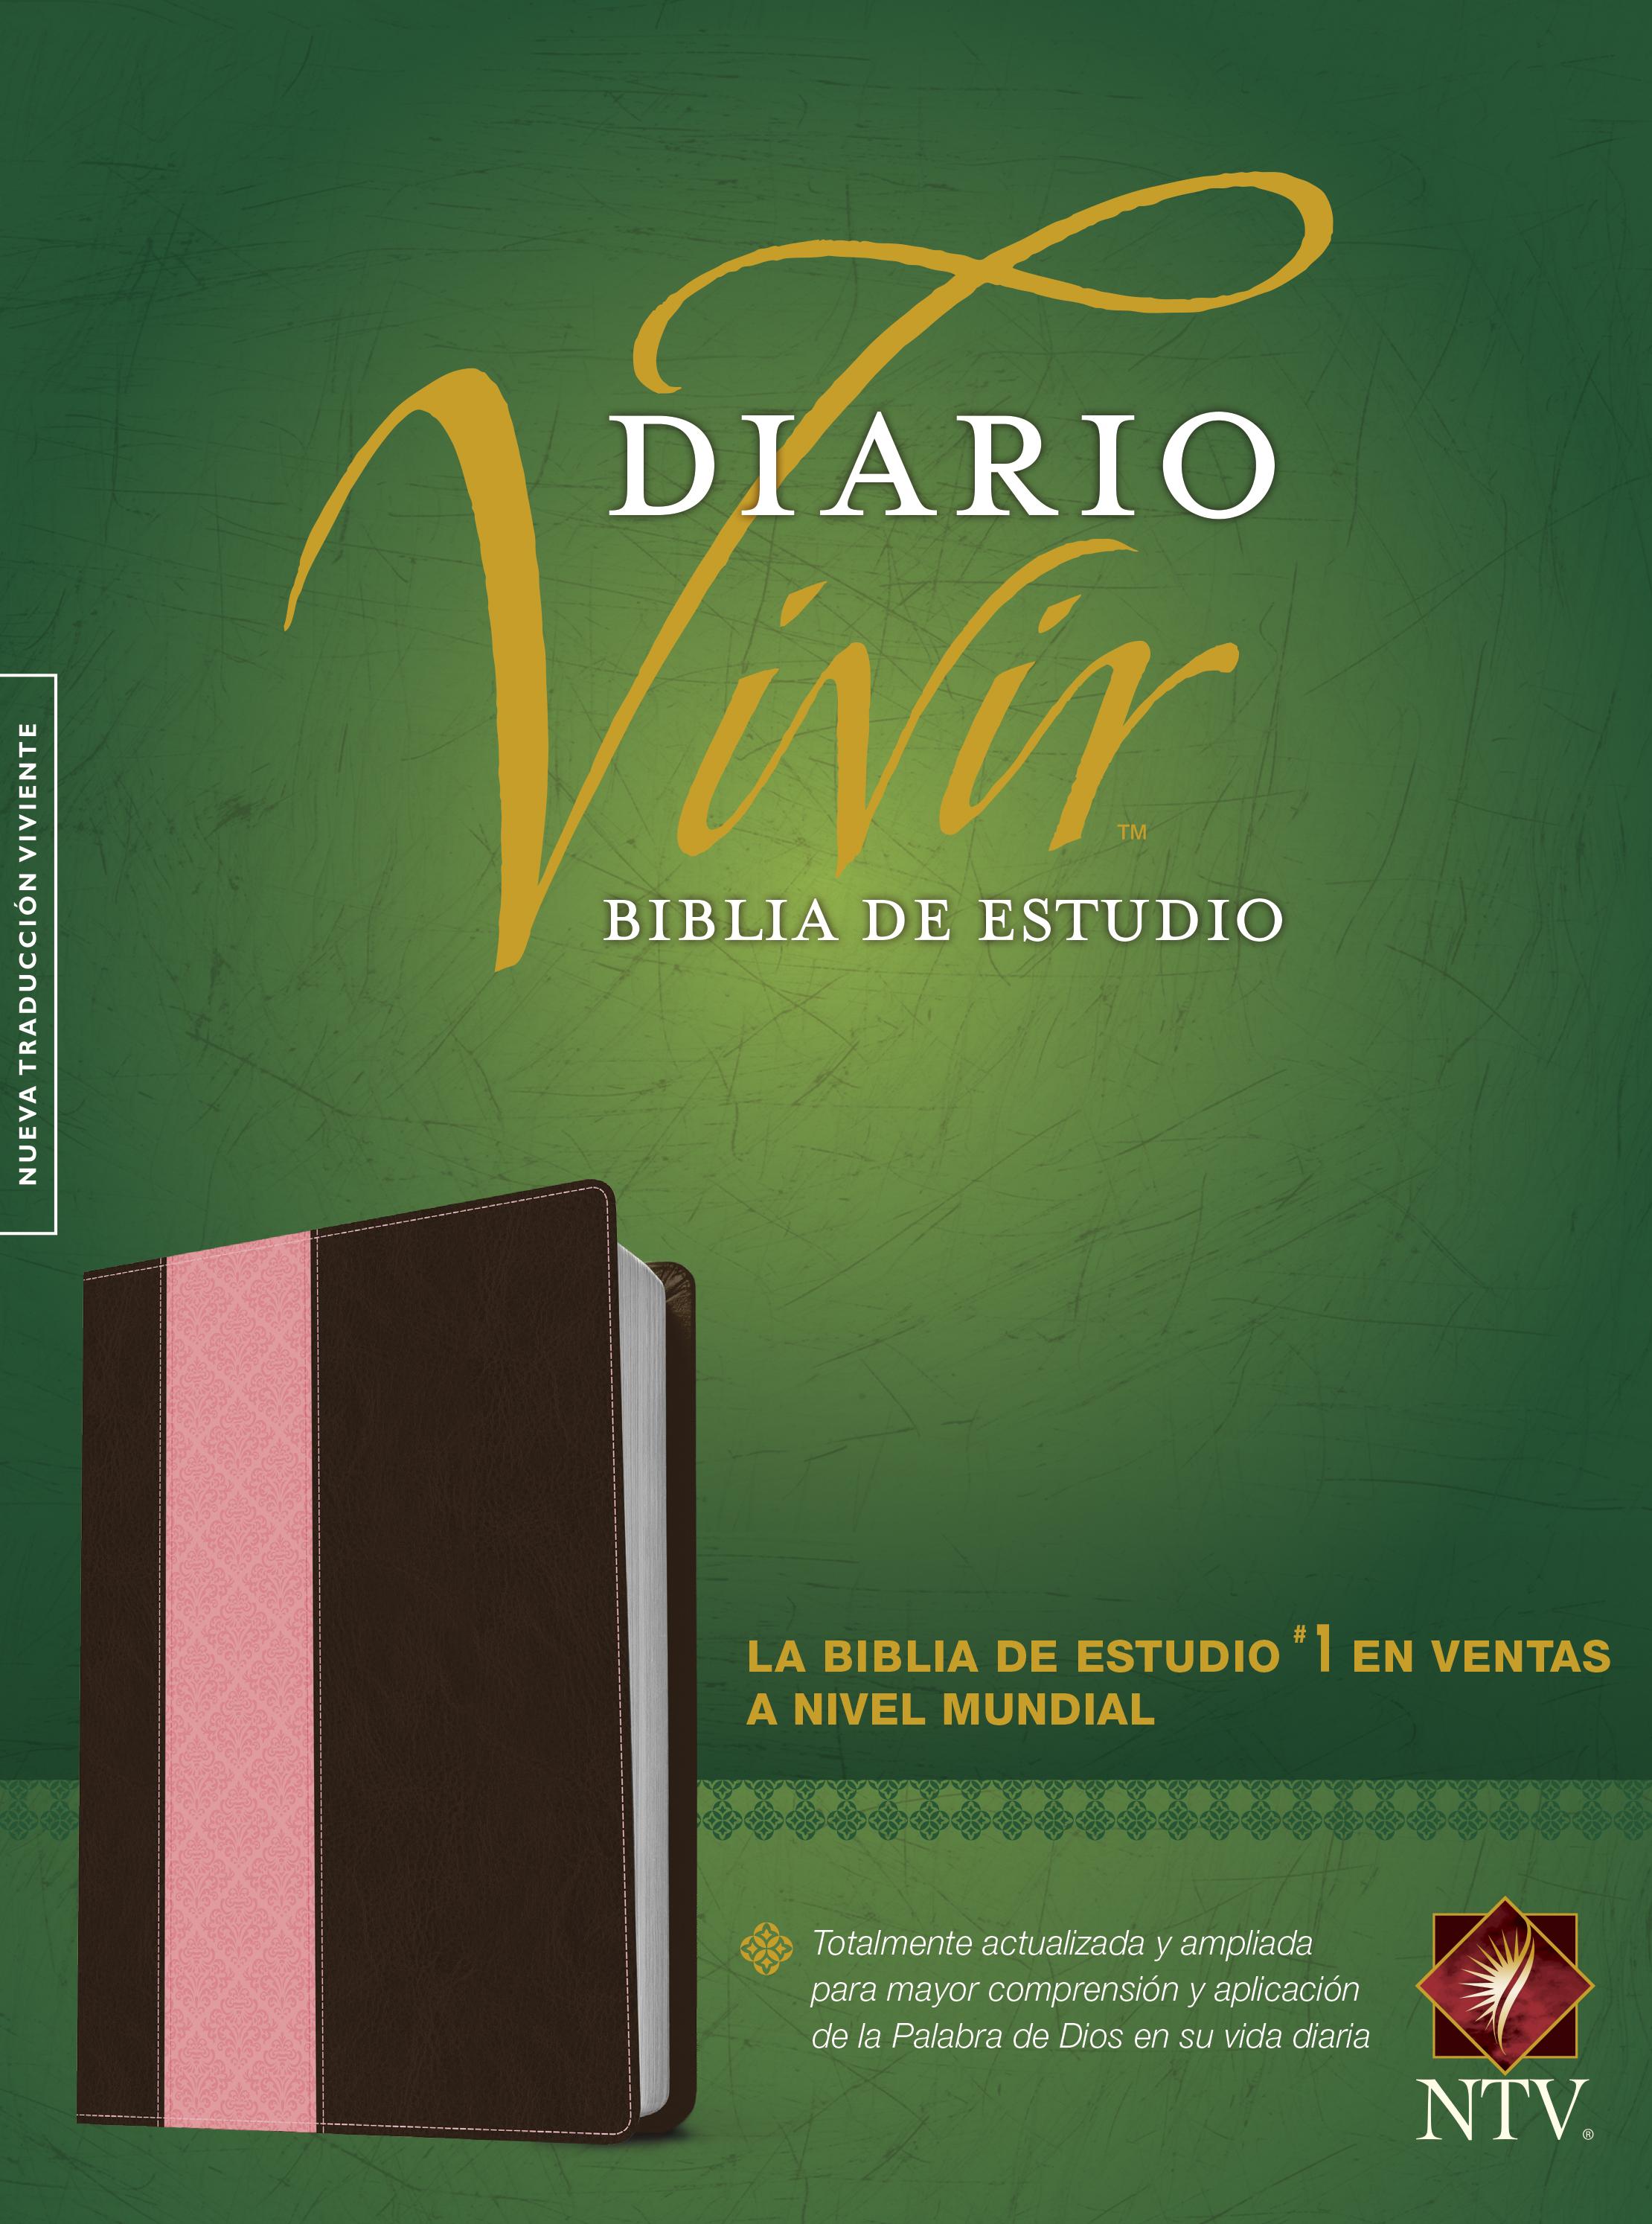 Biblia de estudio del diario vivir NTV (Letra Roja, SentiPiel, Café/Rosa)